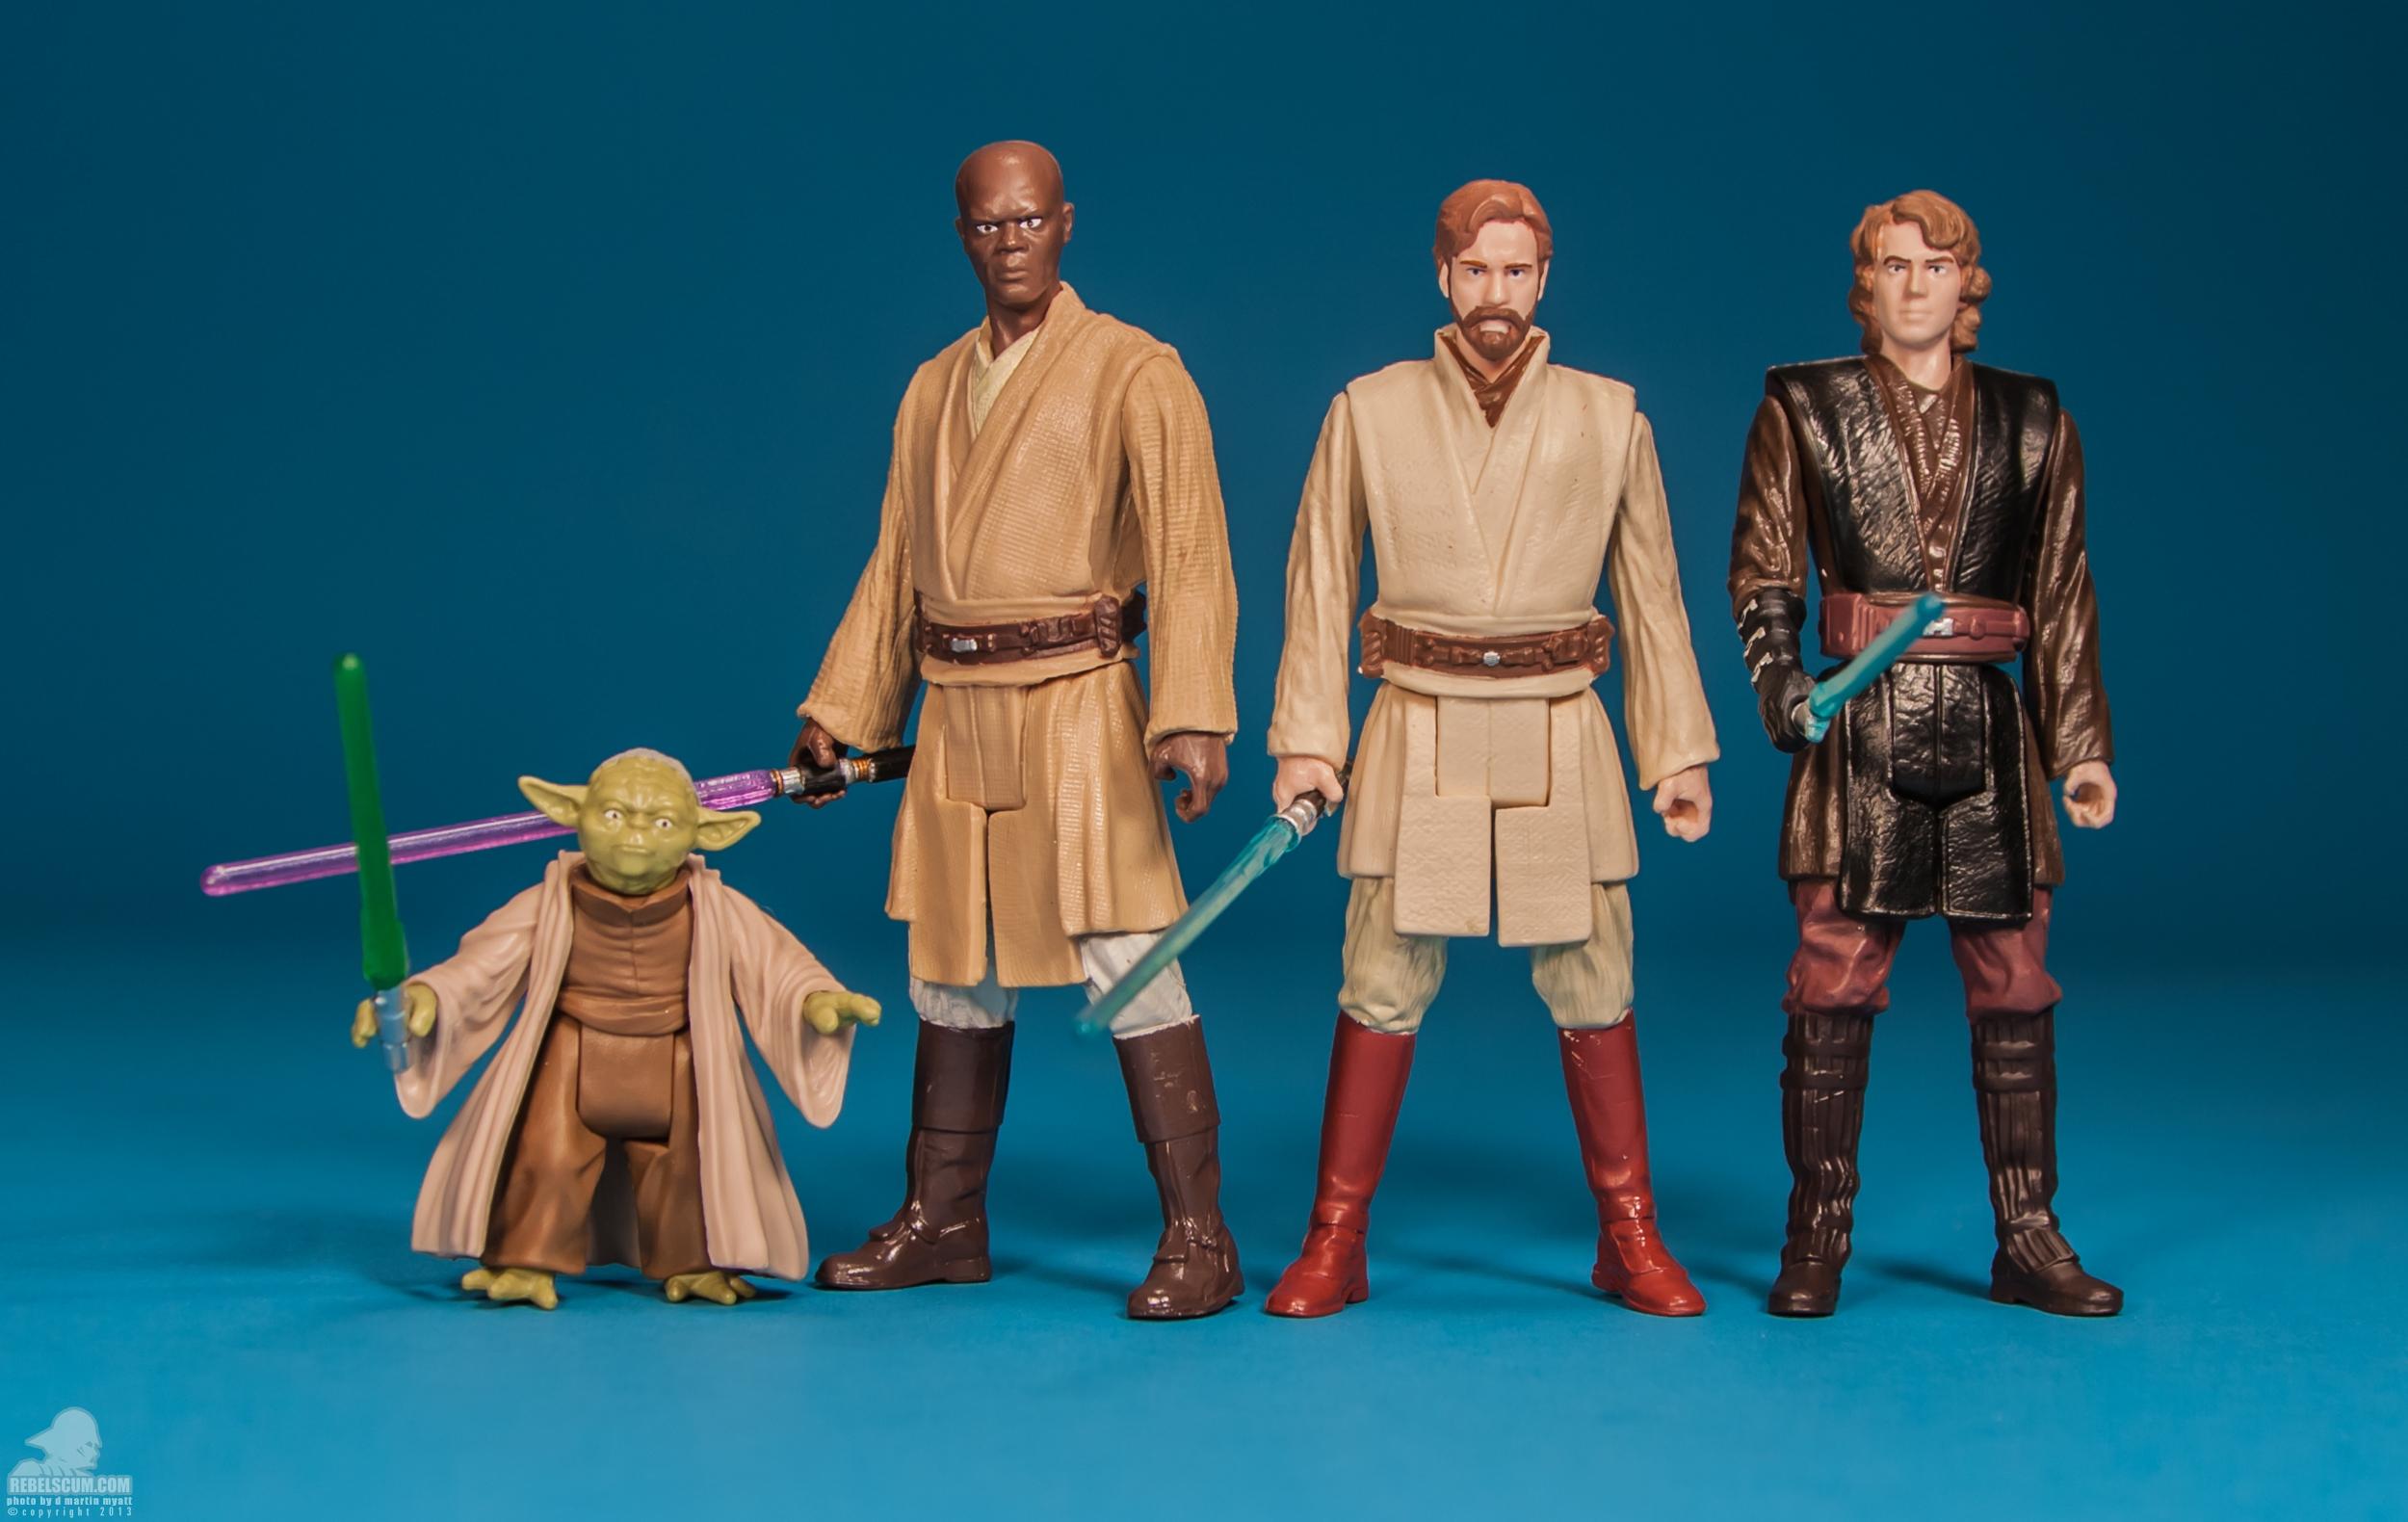 SL07-Yoda-Saga-Legends-Star-Wars-Hasbro-017.jpg